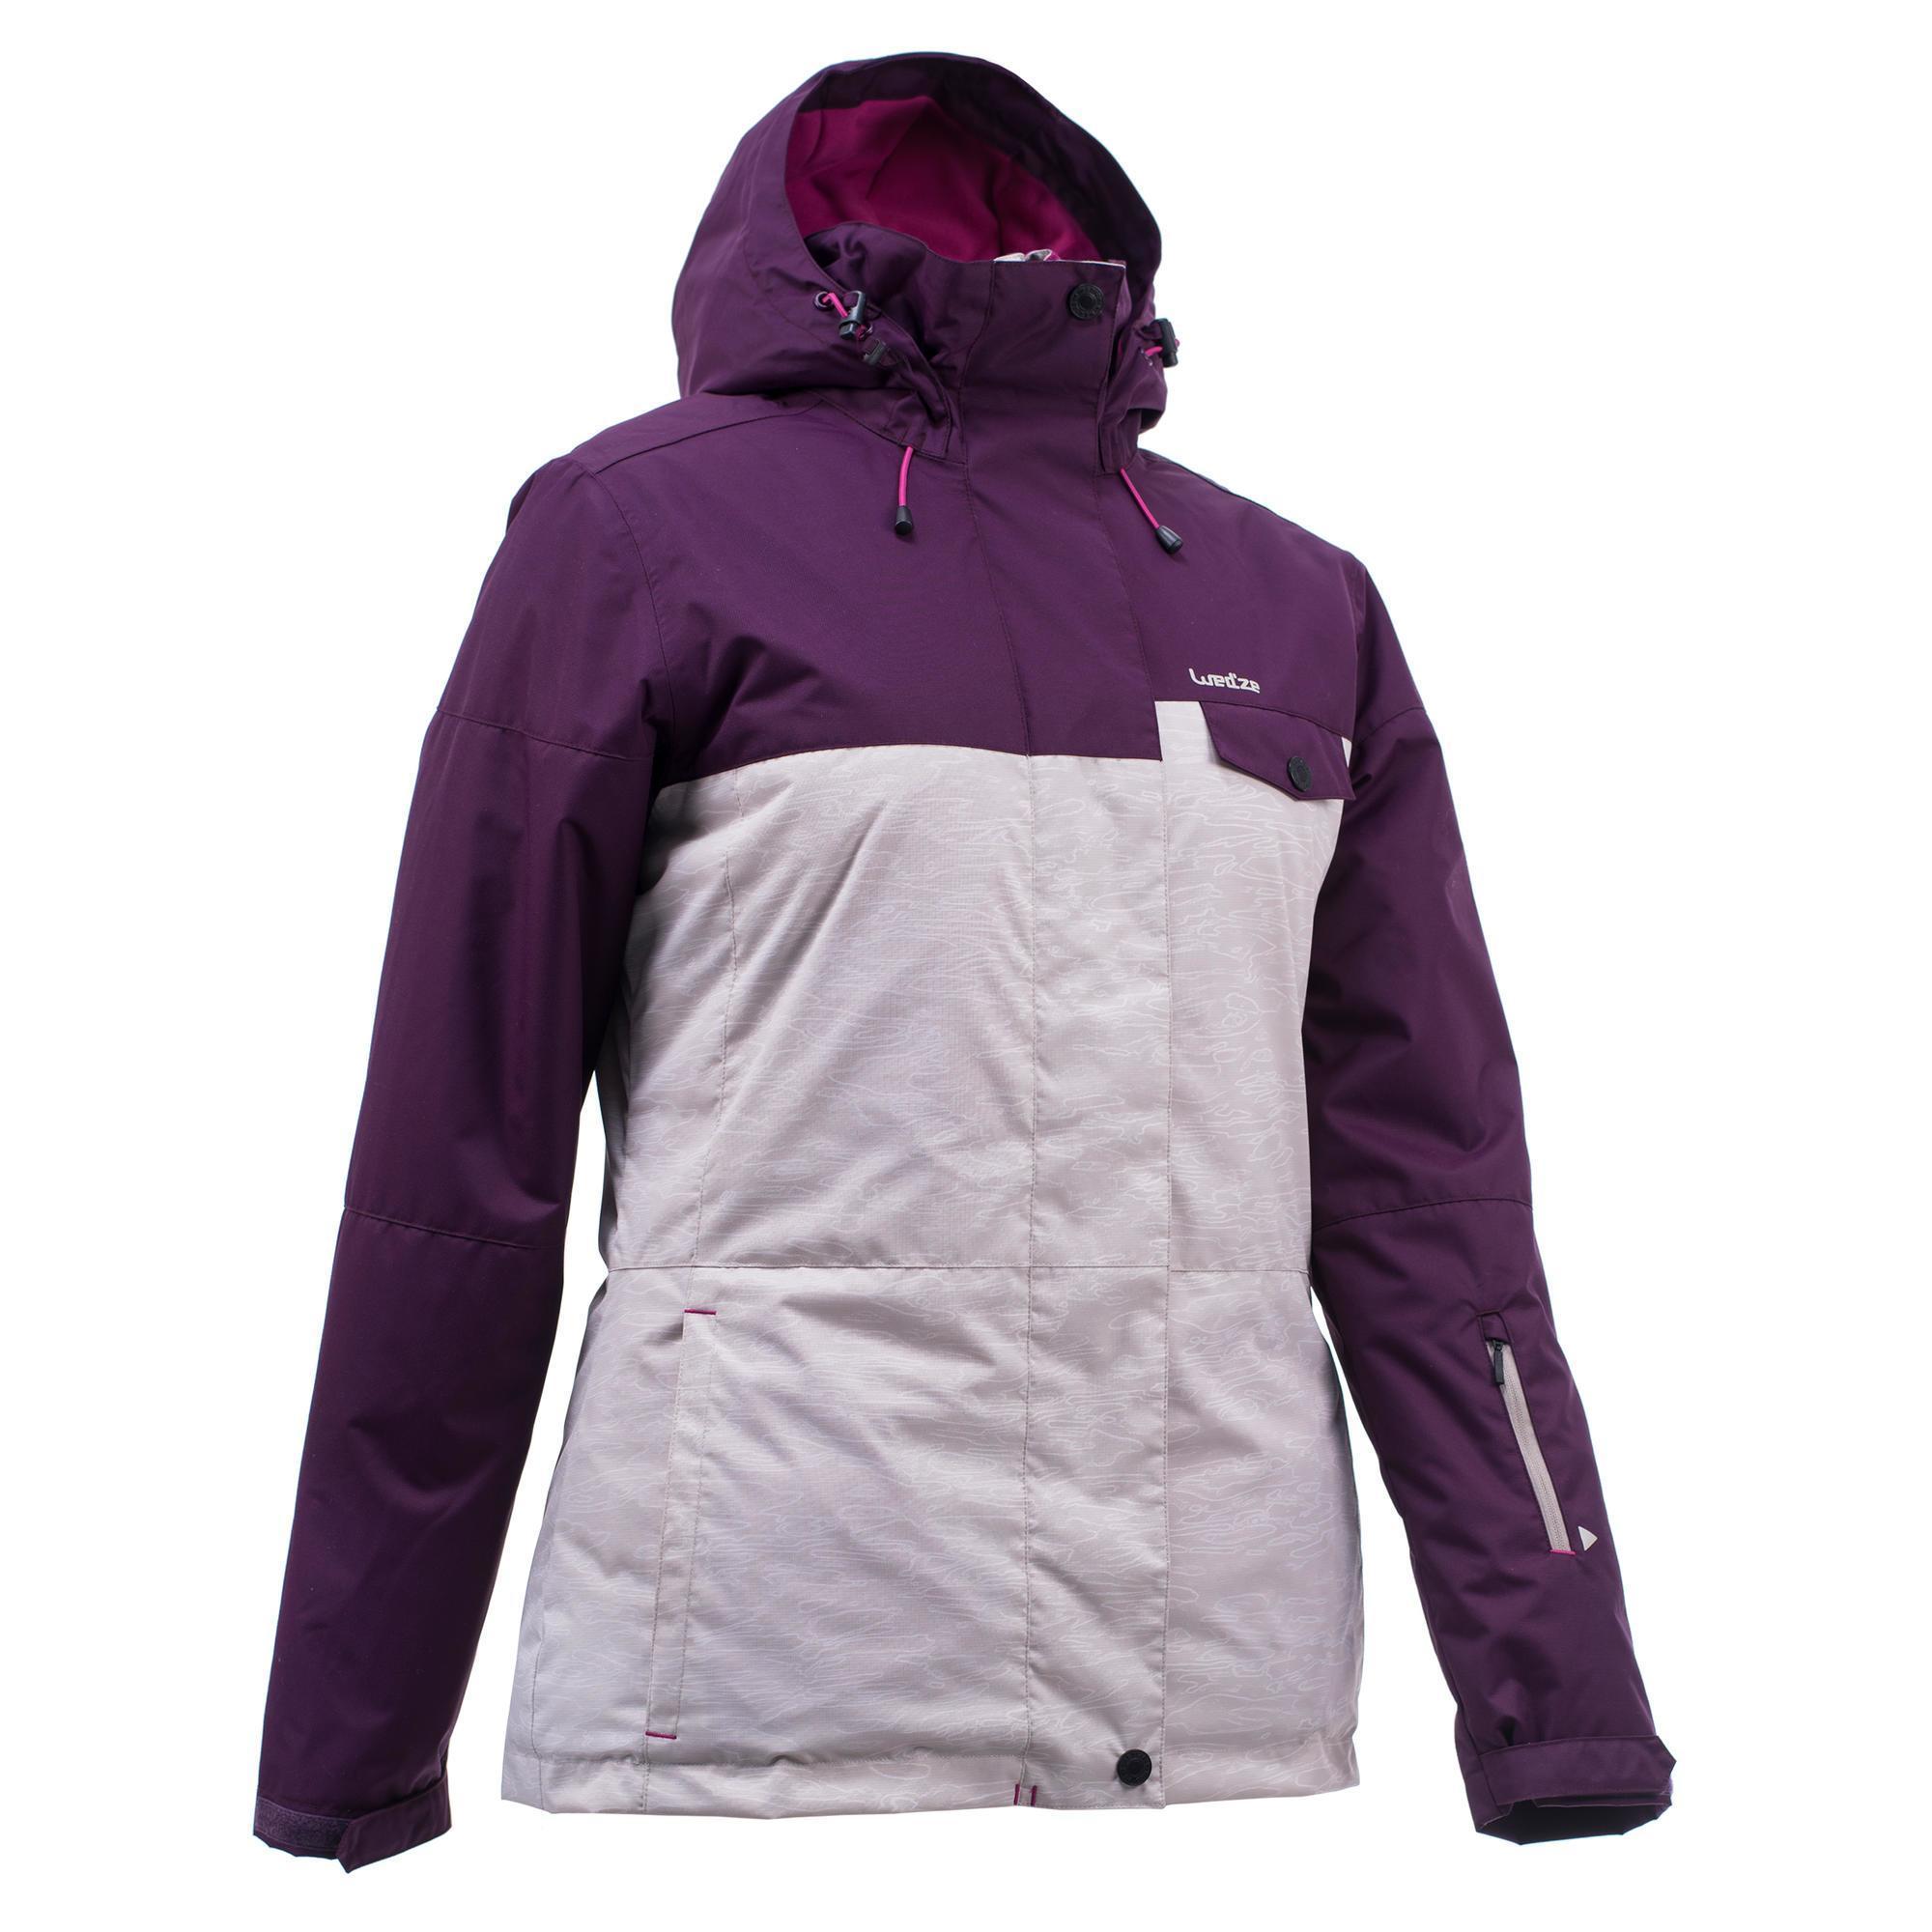 Damen Snowboardjacke Skijacke SNB JKT 100 Damen beige lila | 03608449862363